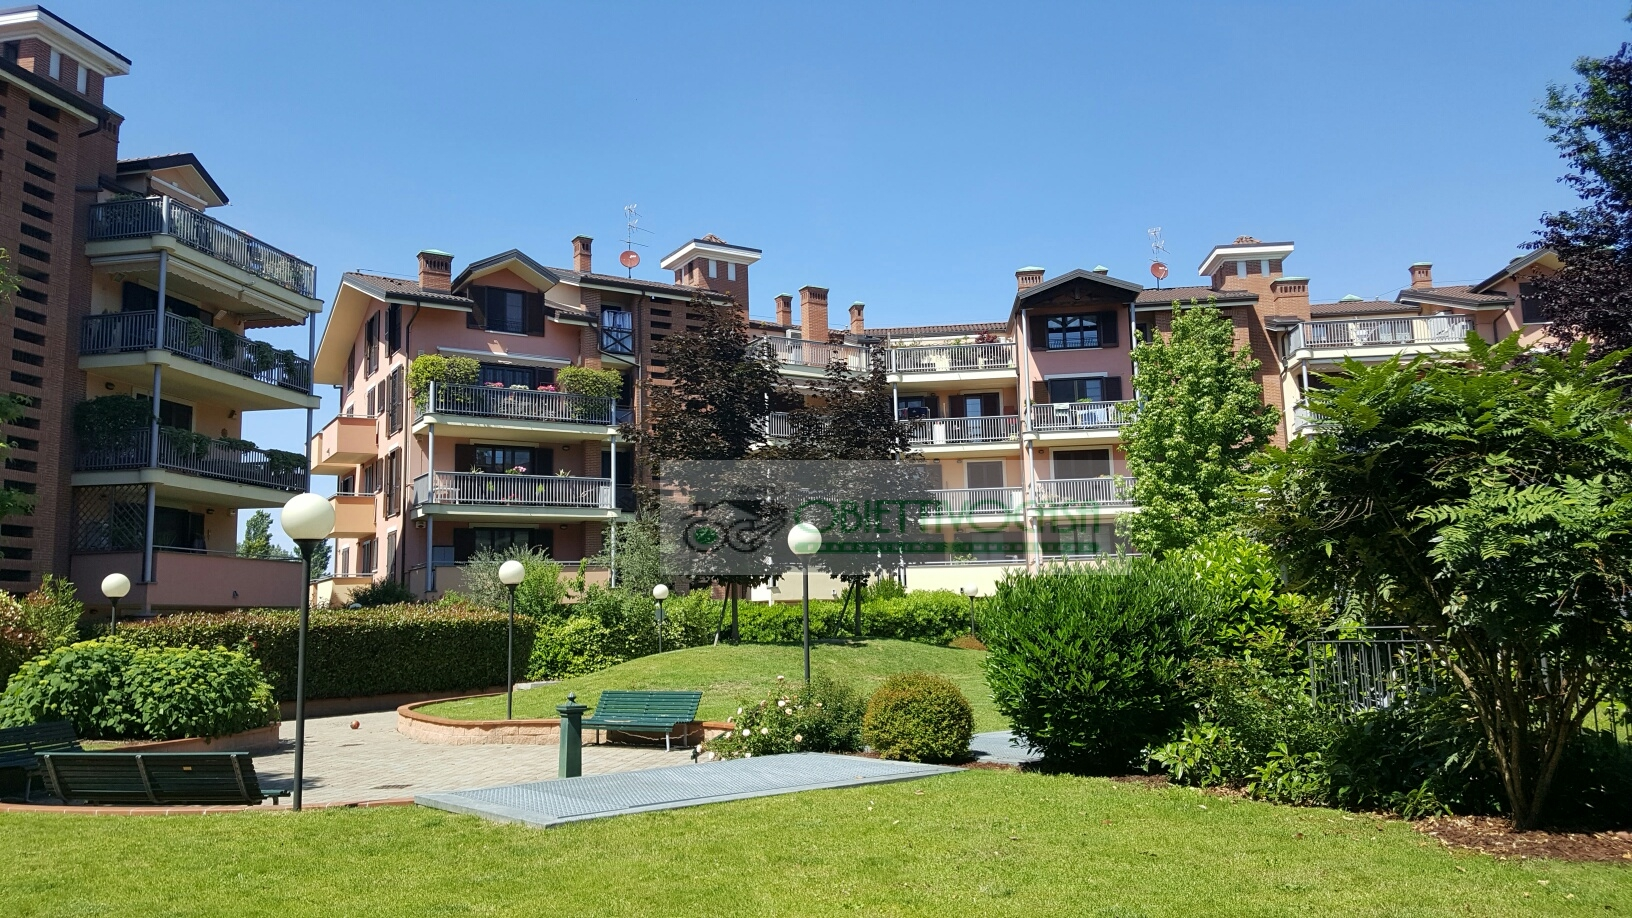 Attico / Mansarda in vendita a Trezzano sul Naviglio, 2 locali, zona Località: Morona, prezzo € 230.000 | Cambio Casa.it